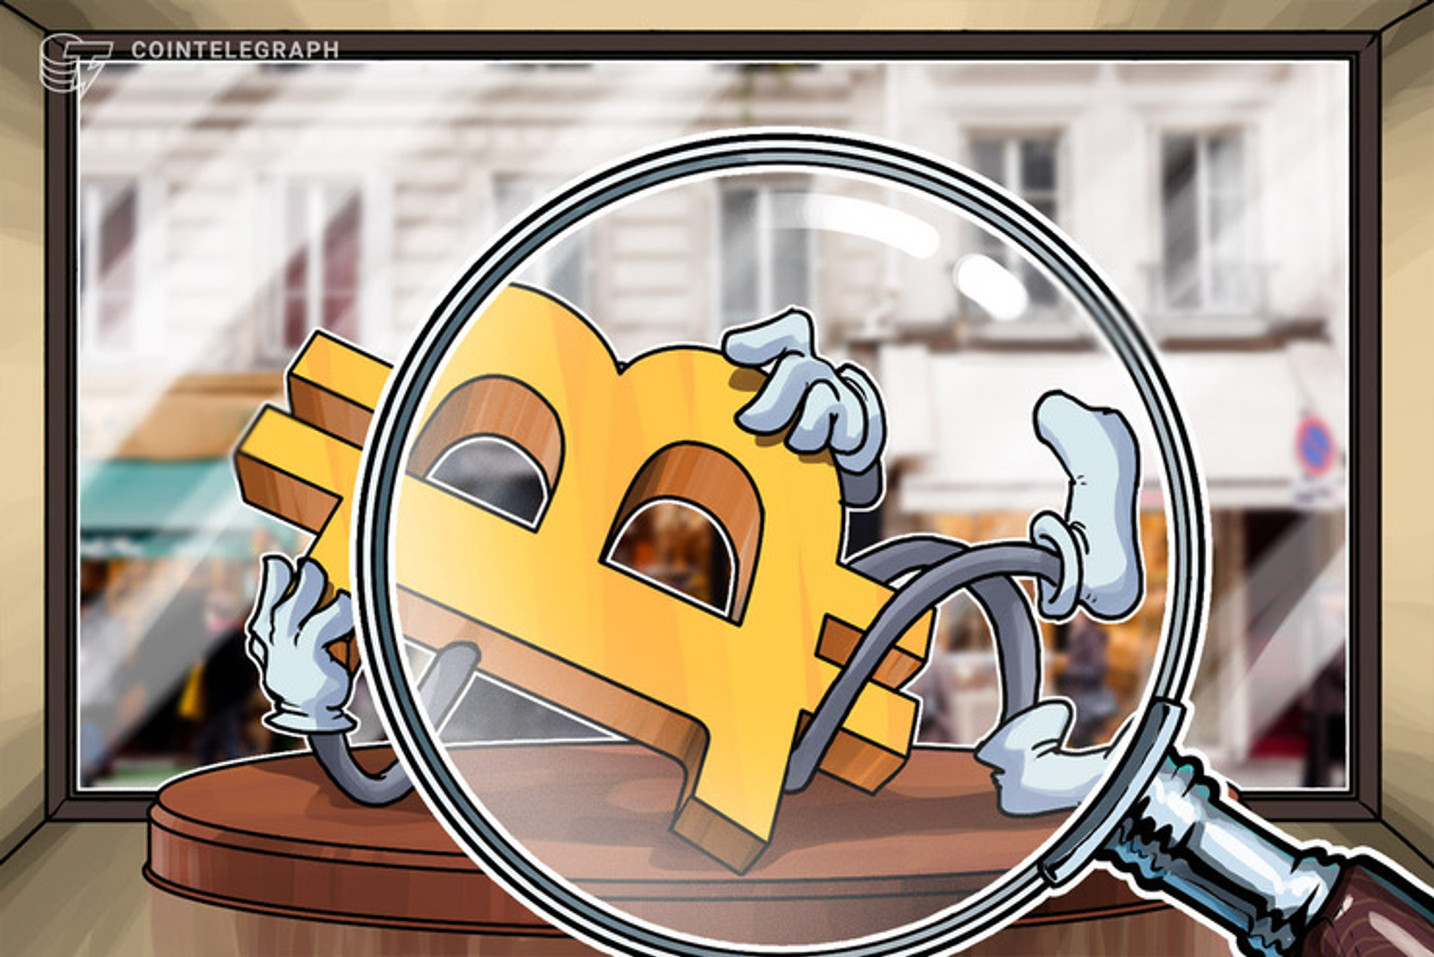 Los mineros de Bitcoin ganarán USD 5,400 millones de dólares este año según CoinShares